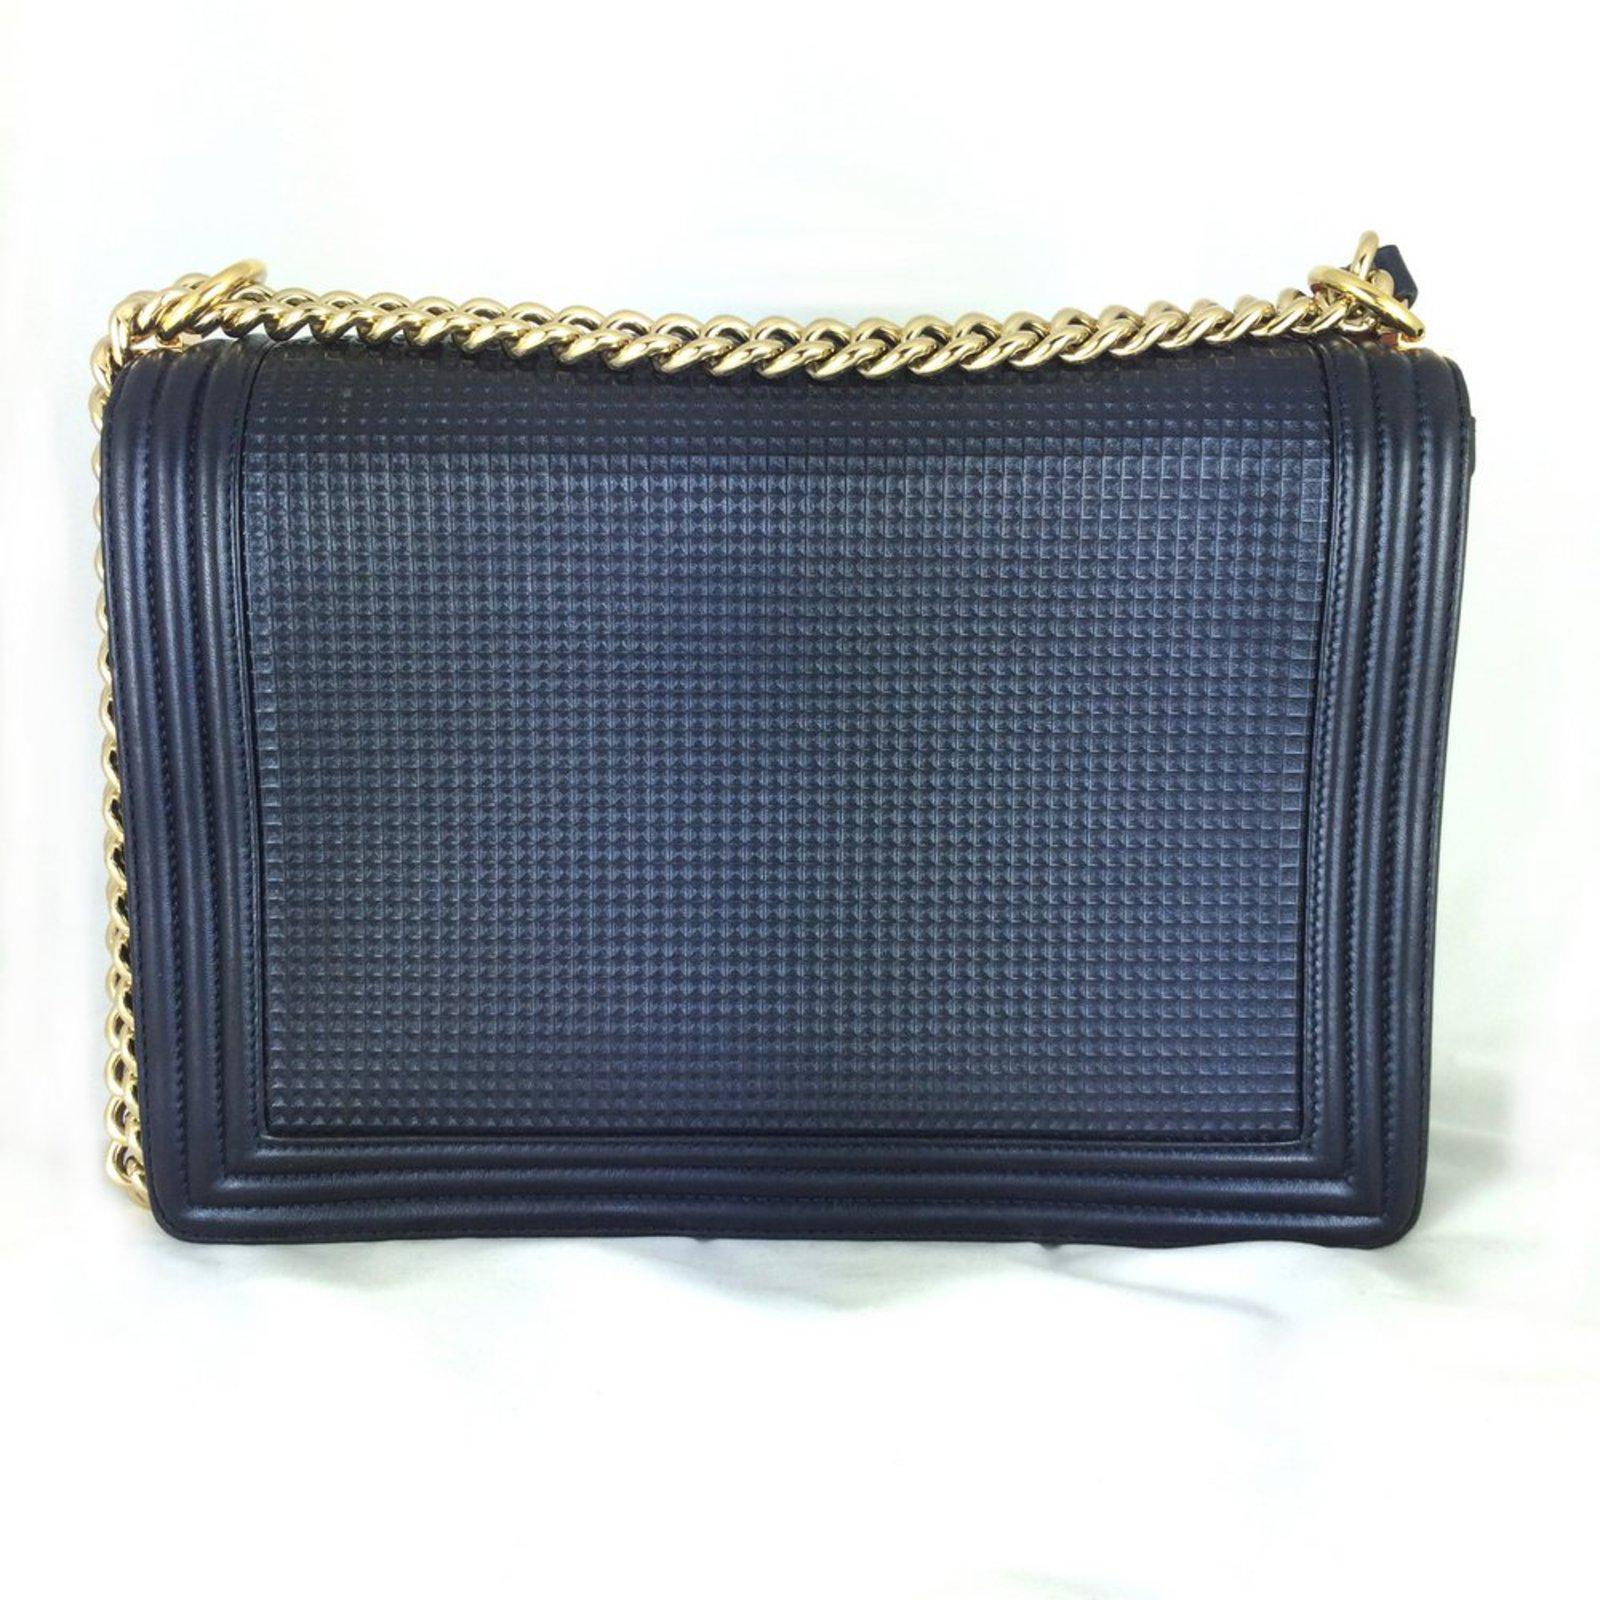 89a924255934 Chanel Boy Cruise 2013 Dark blue Large Handbags Leather Blue ref ...